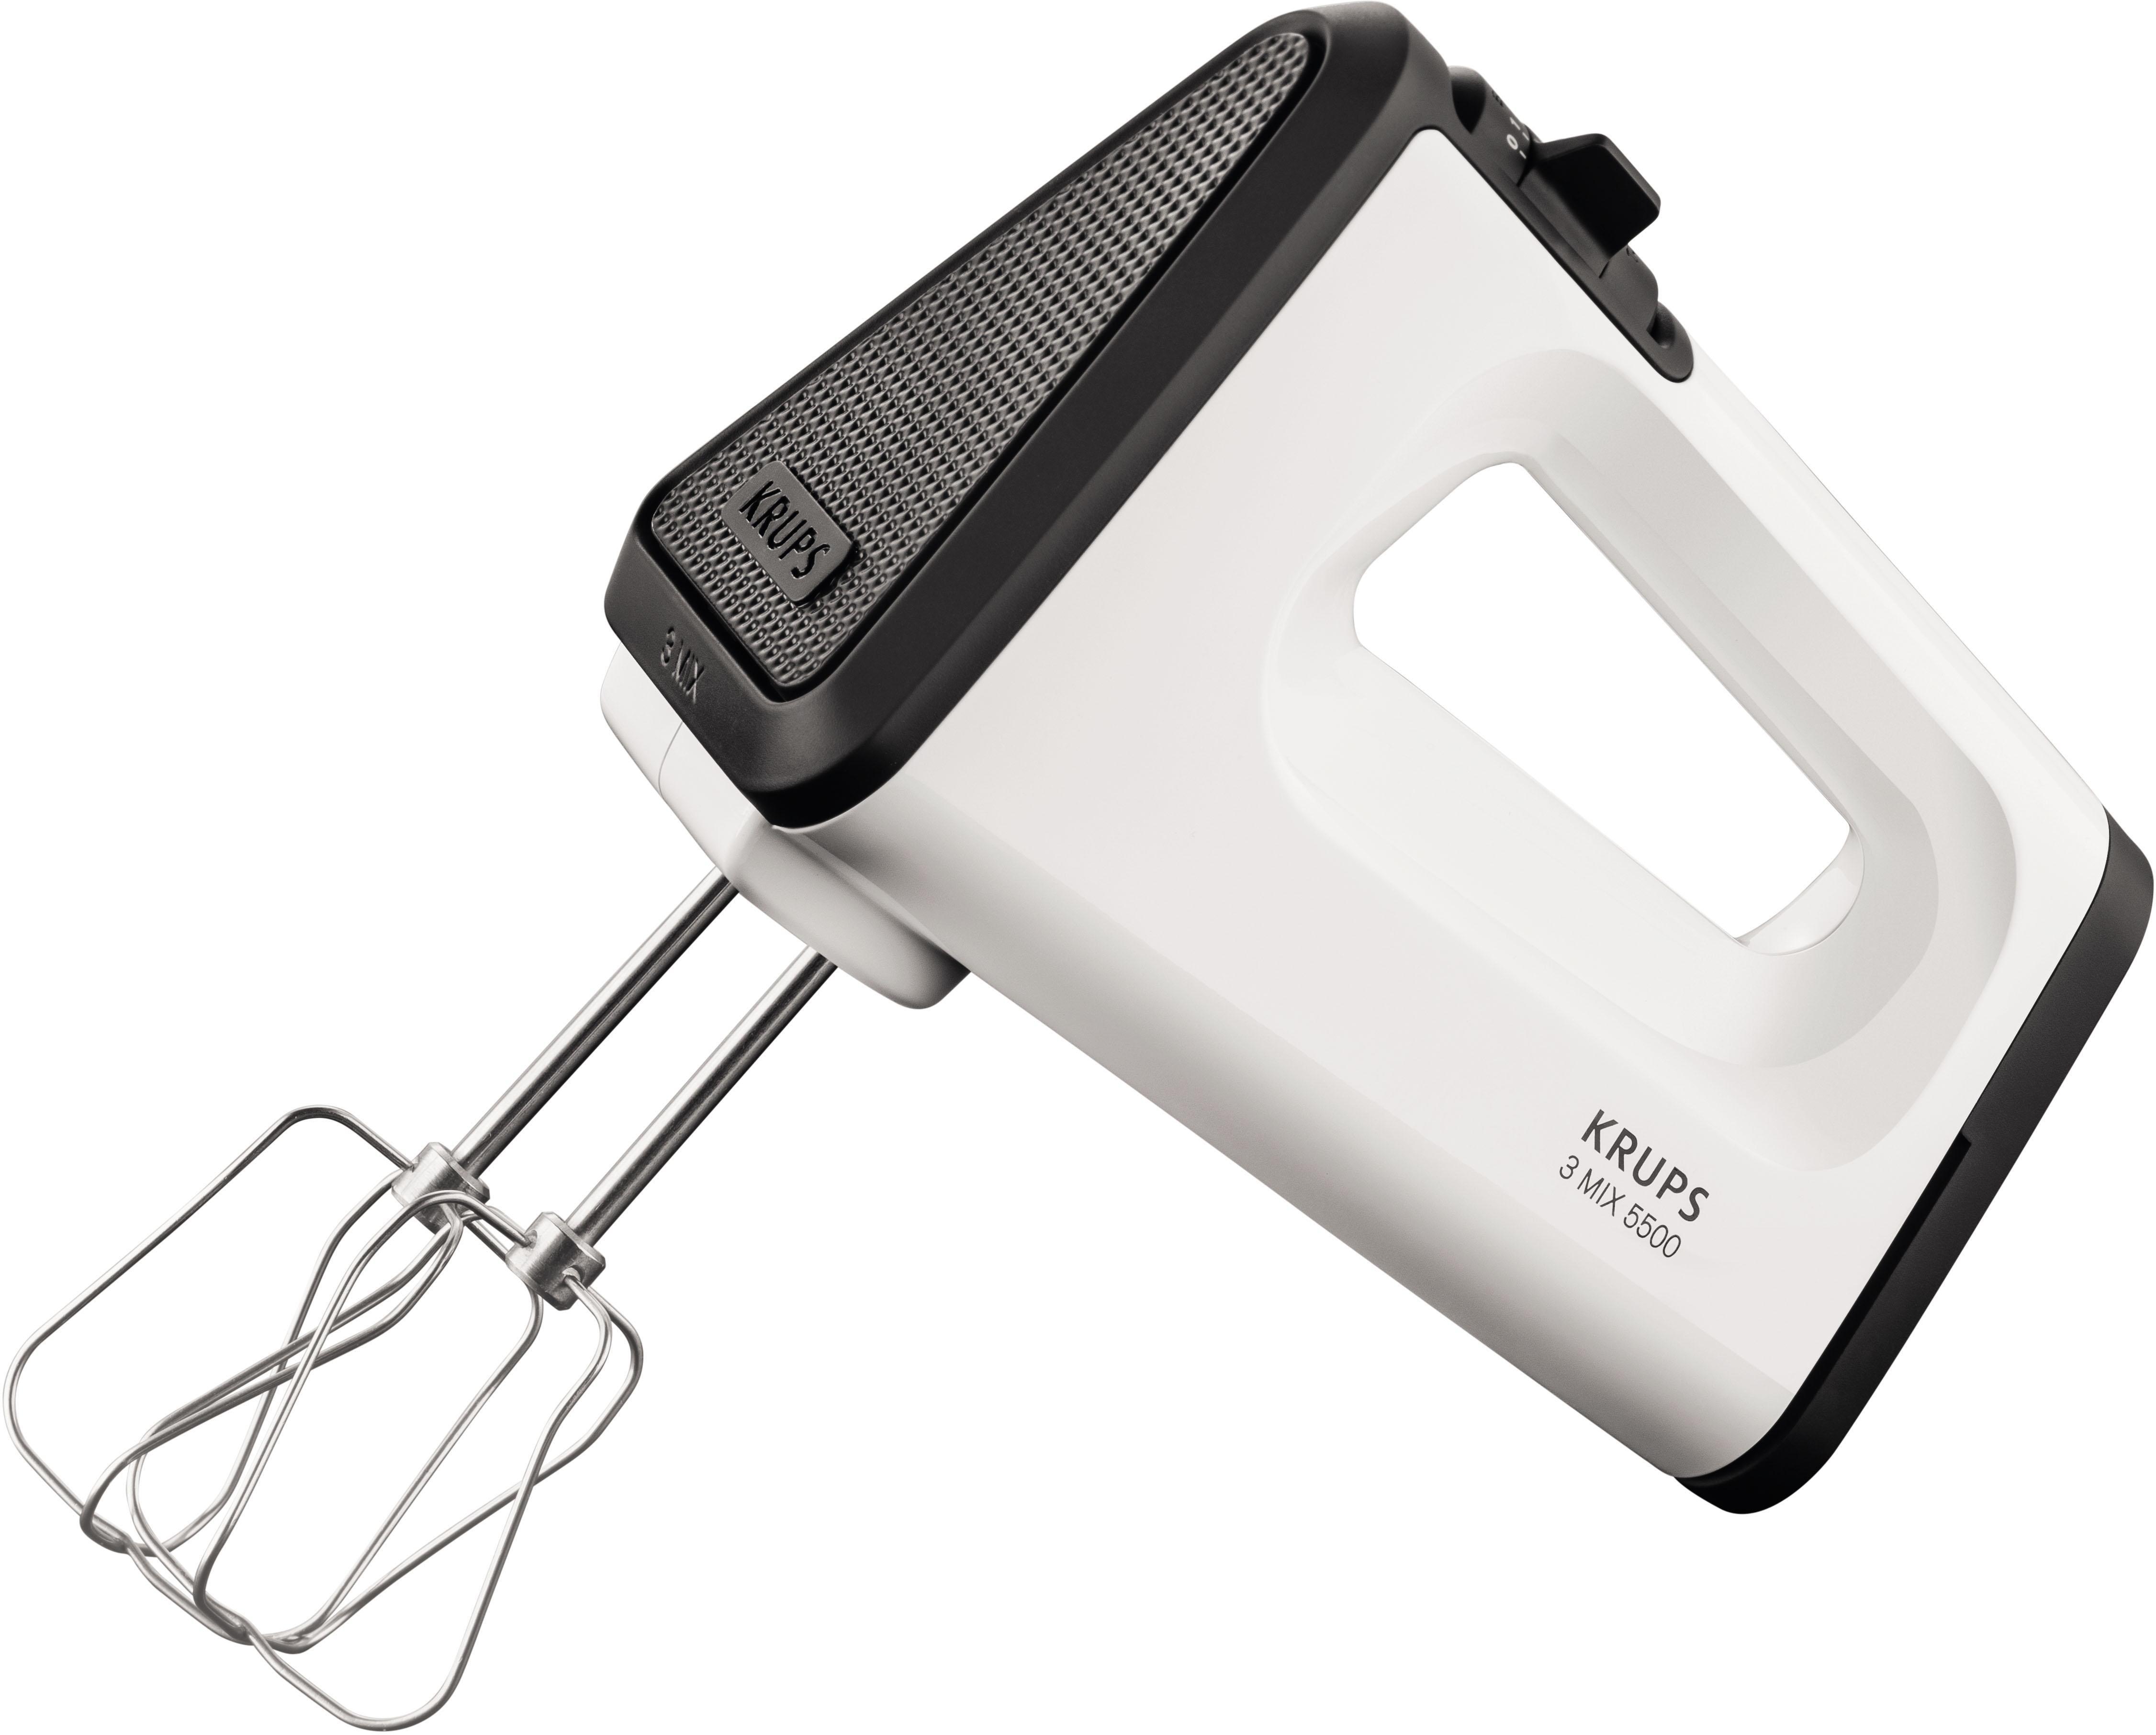 Krups Handmixer GN5021 3, 500 Watt bestellen: 30 dagen bedenktijd